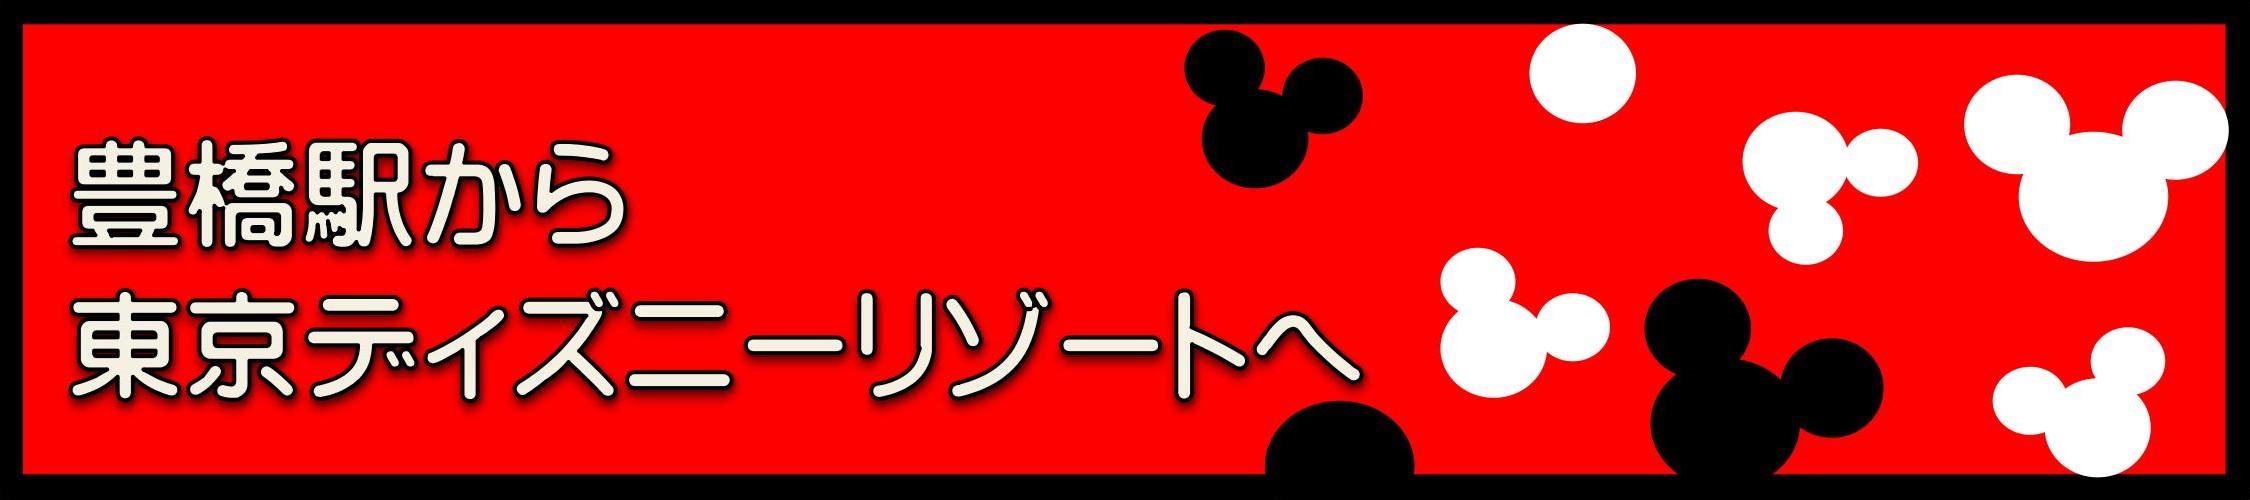 豊橋金券ショップフリーチケット|豊橋から東京ディズニーへ